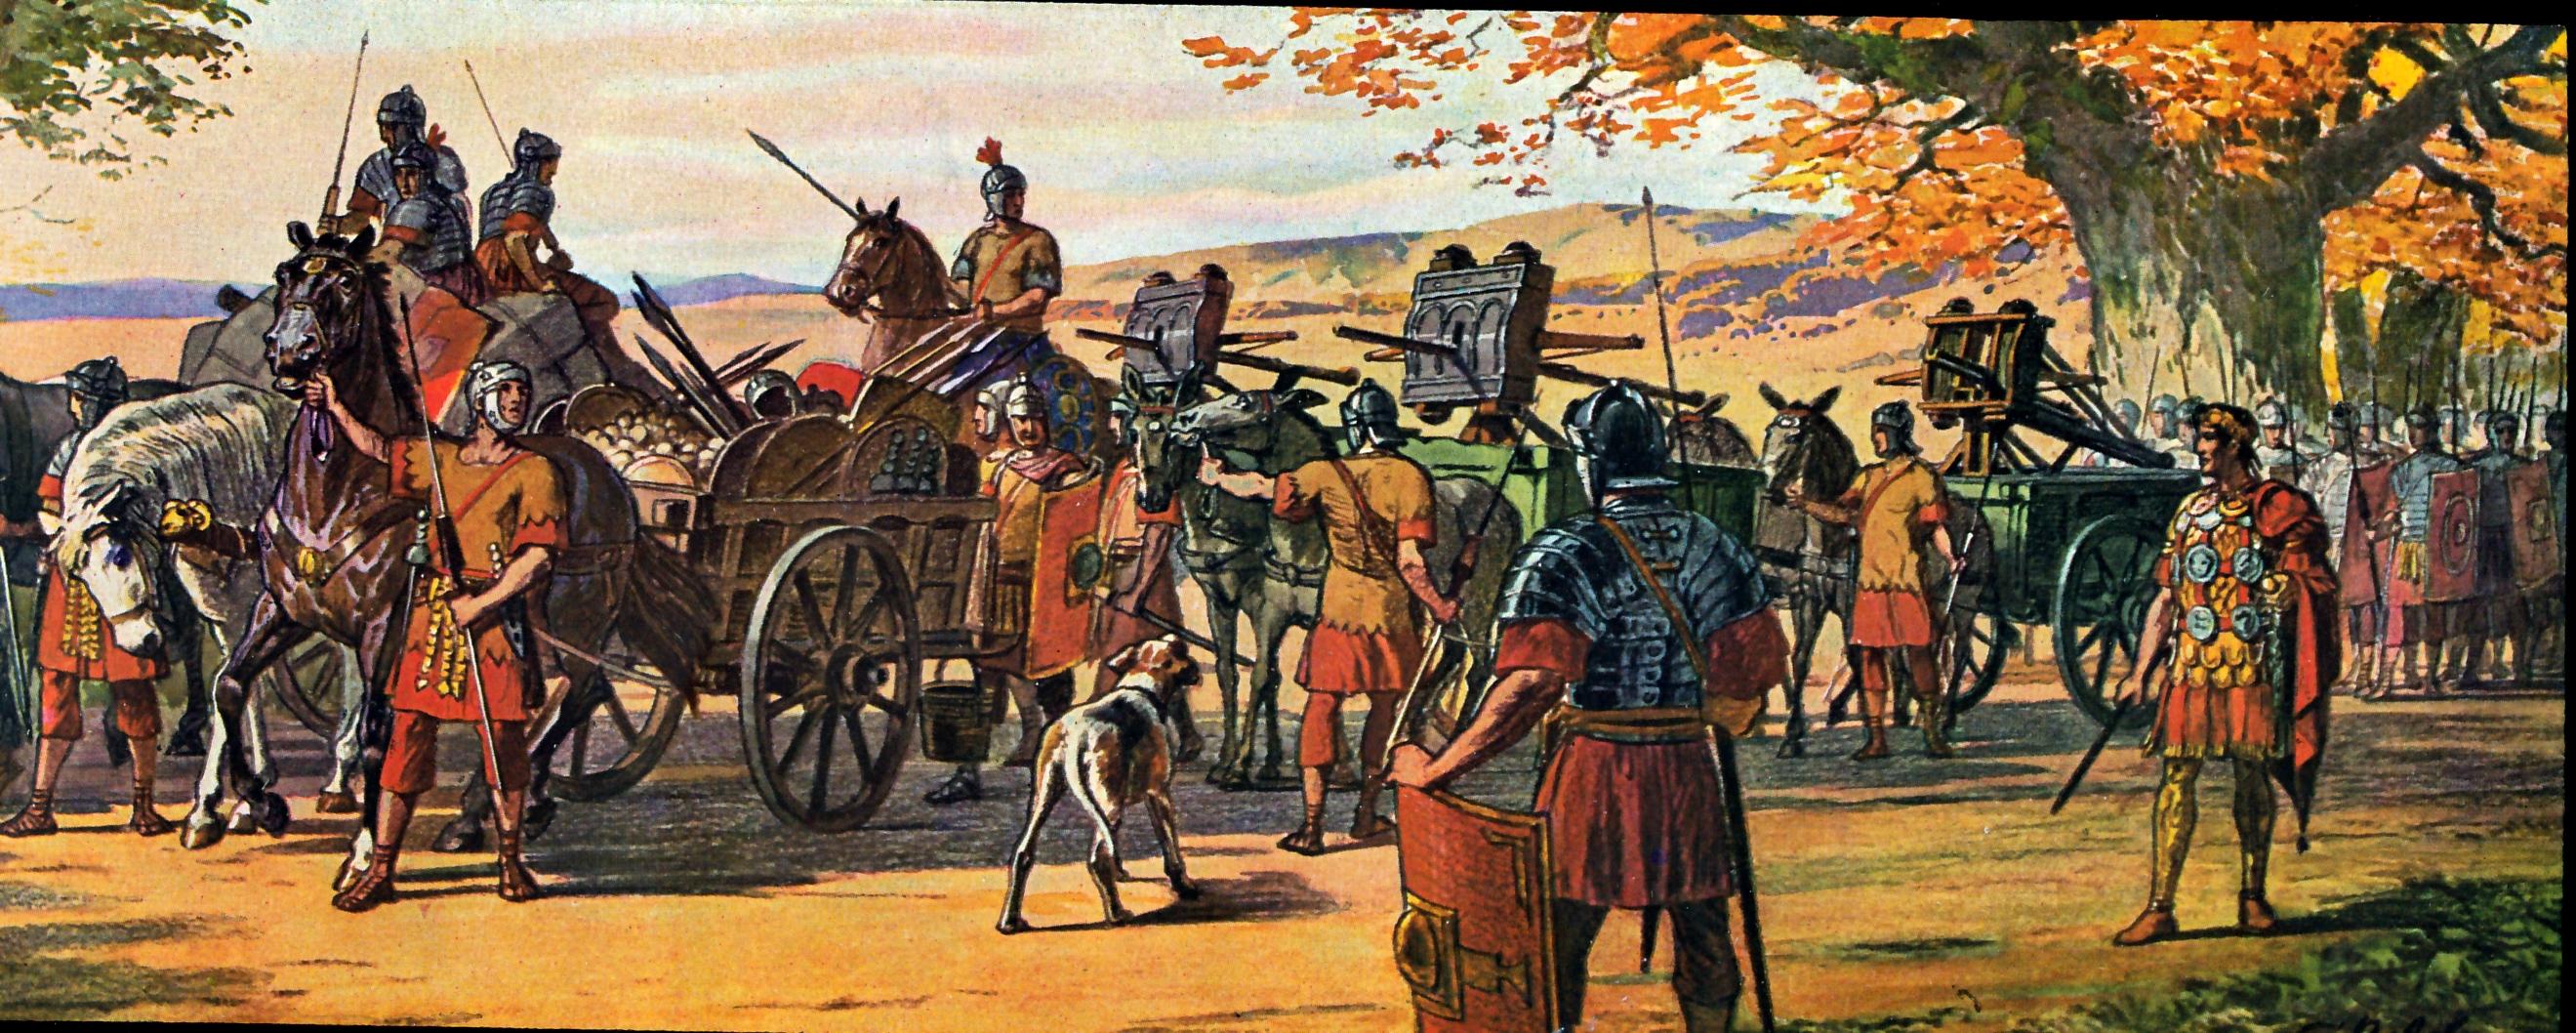 Römische Ballista Festzug